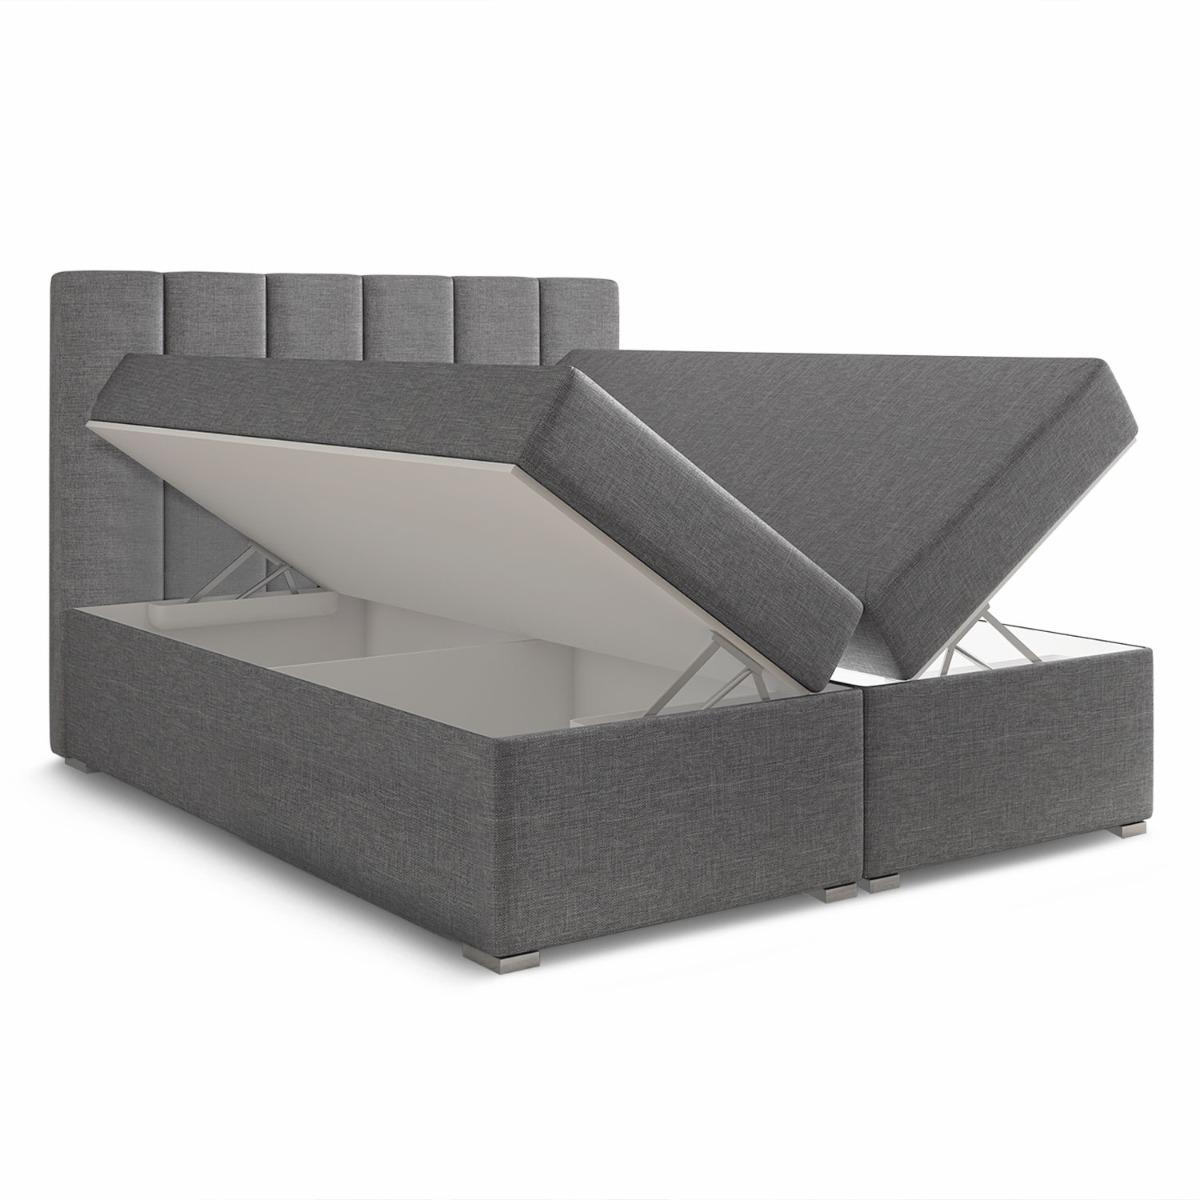 Letto Balero con materasso e coprimaterasso da 160cm in tessuto grigio